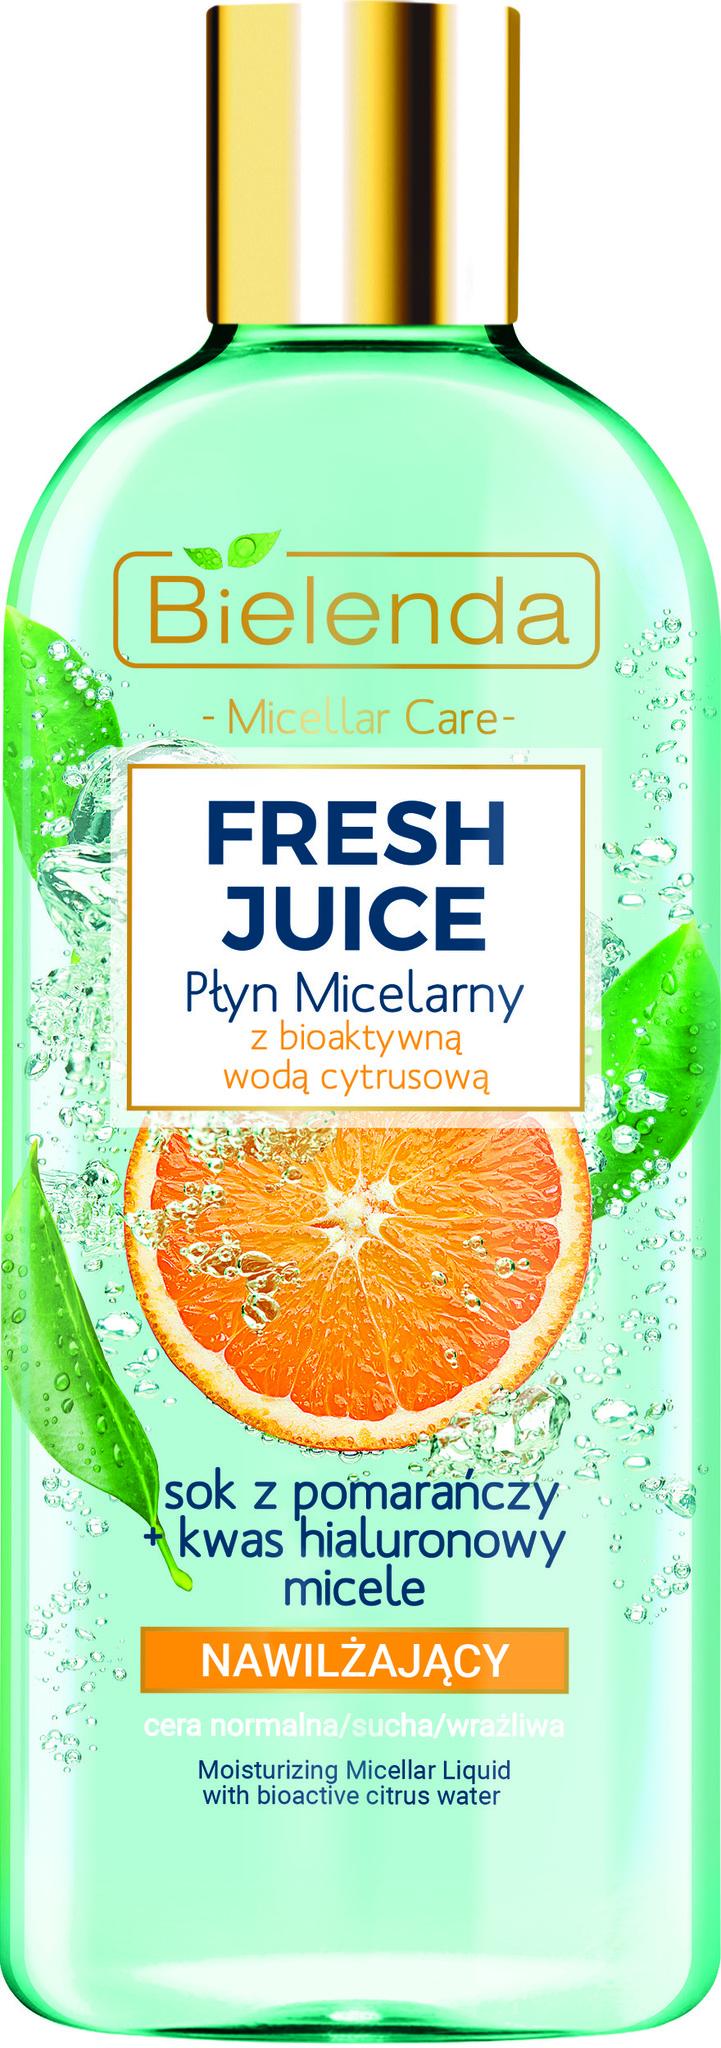 FRESH JUICE Увлажняющая мицеллярная жидкость, Апельсин, 500 мл